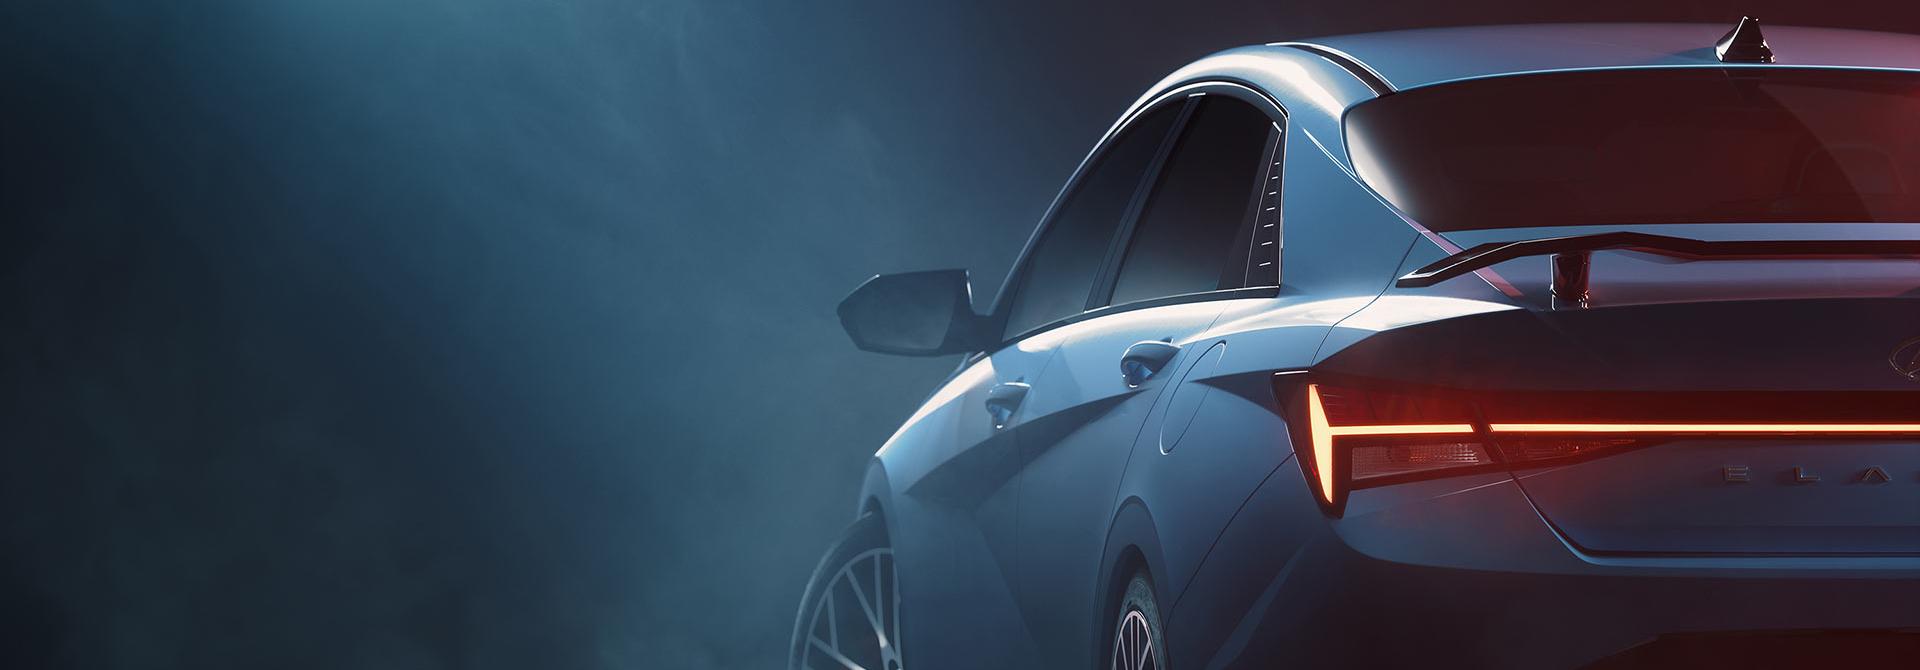 Hé lộ hình ảnh Hyundai Elantra N 2022 trước giờ mắt toàn cầu